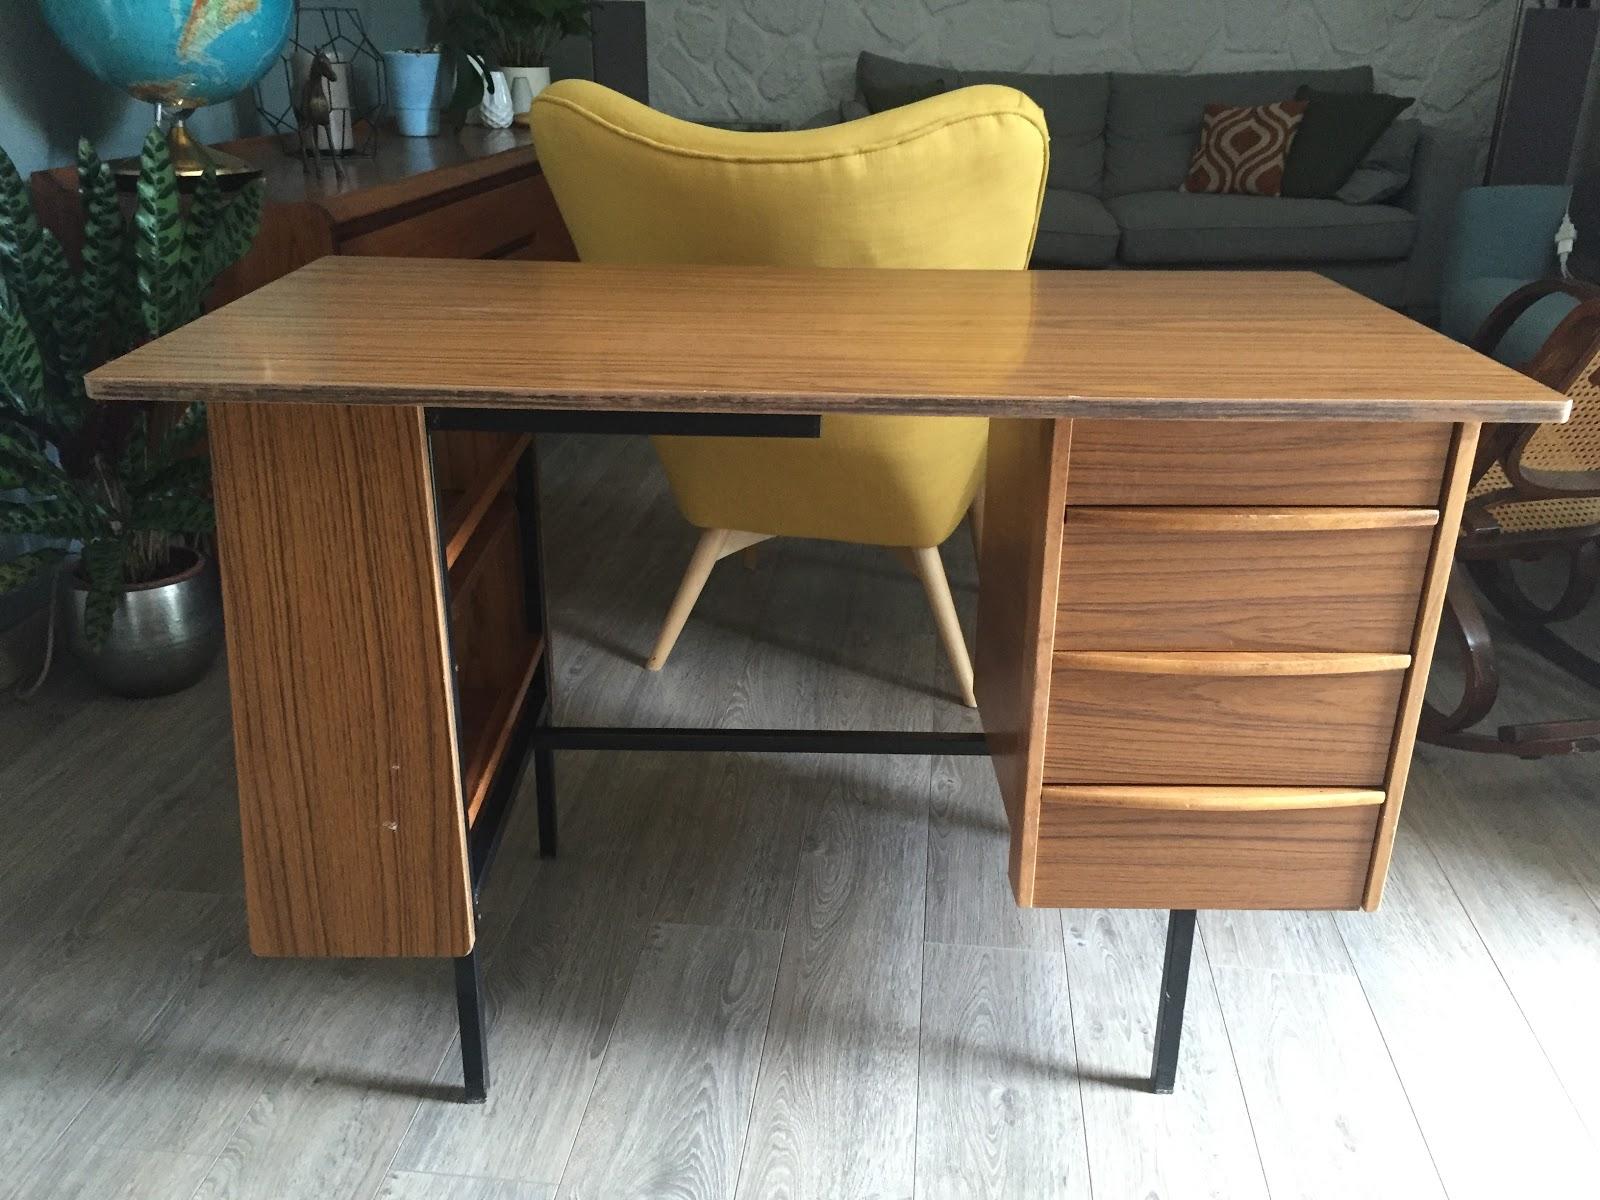 Super Rénover un bureau en formica des années 70 - Gigi's Gallery LW21